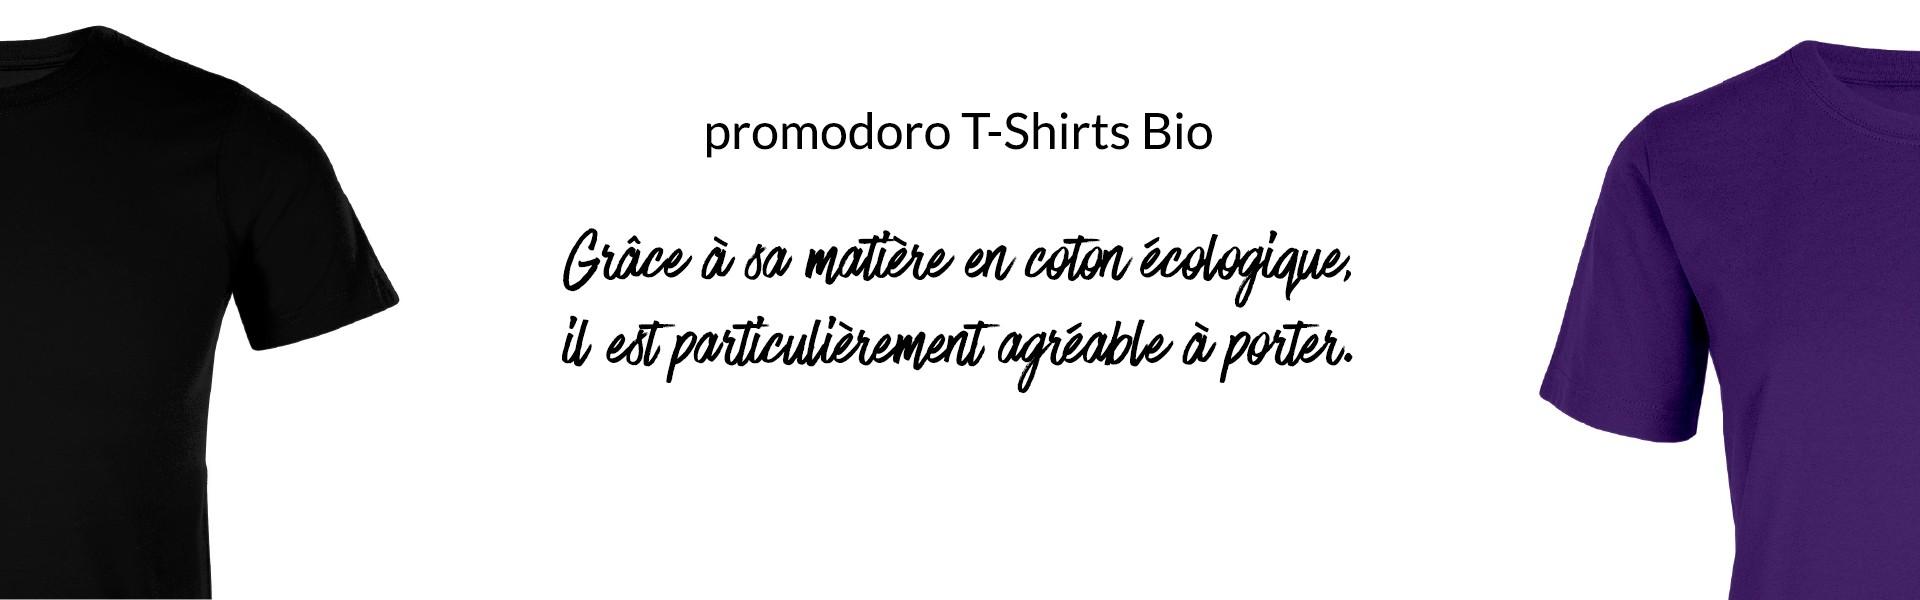 promodoro Organic T-Shirts